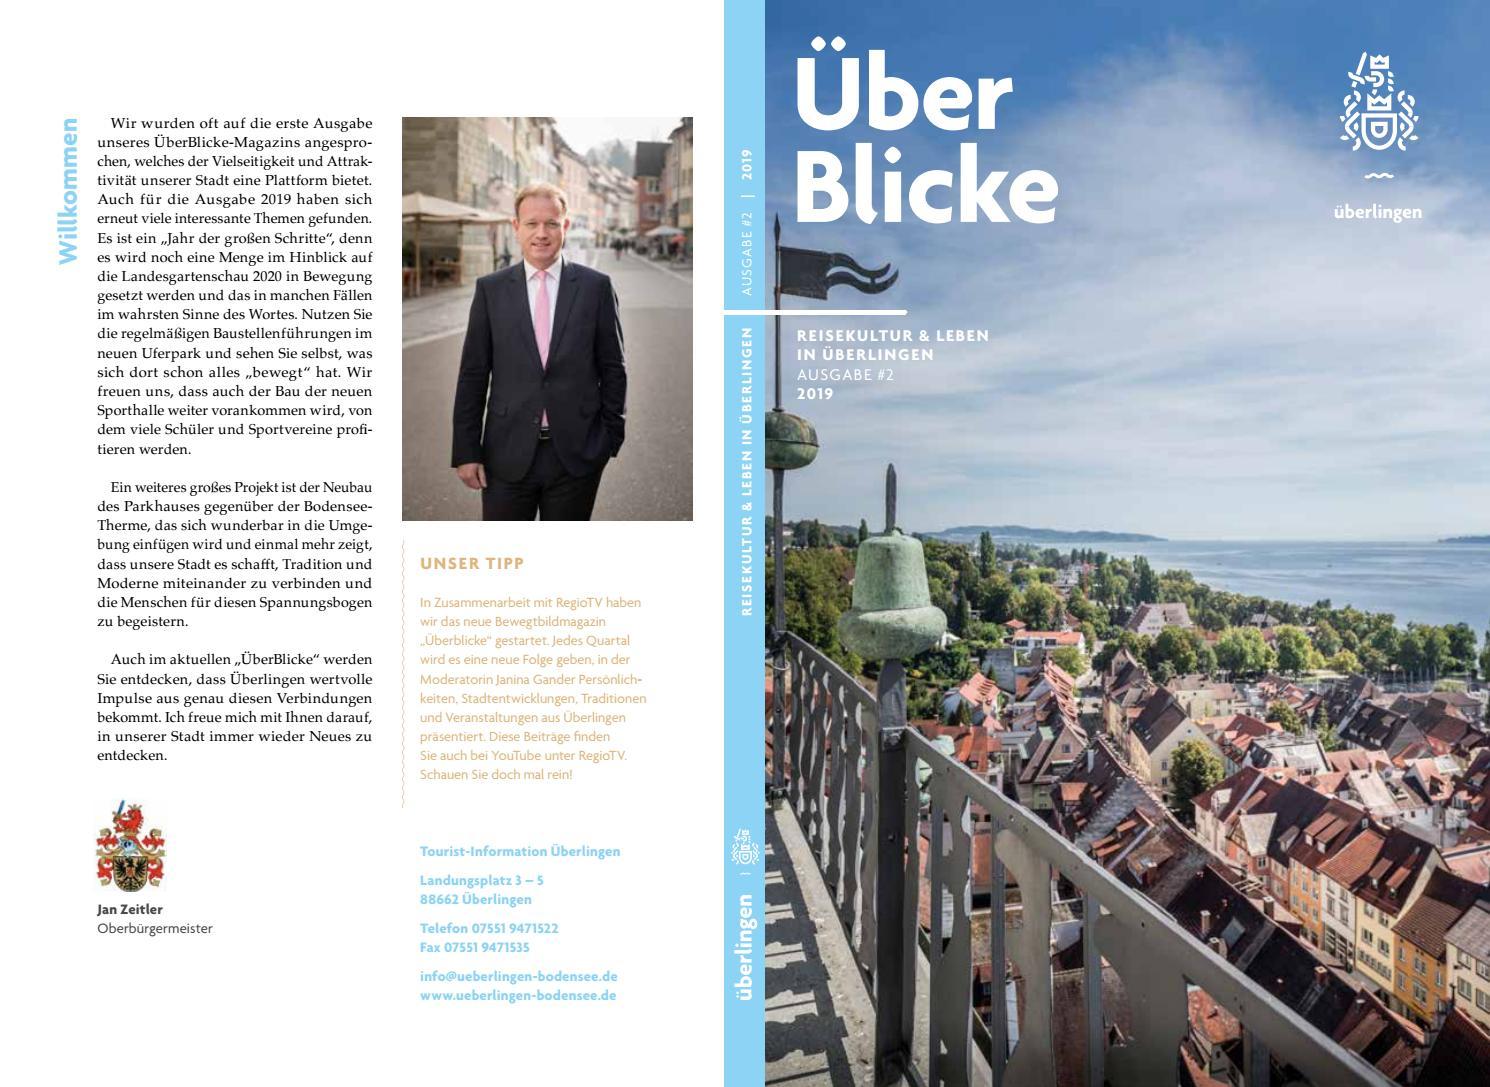 Uberblicke Magazin 2019 By Jurgen Jankowiak Issuu